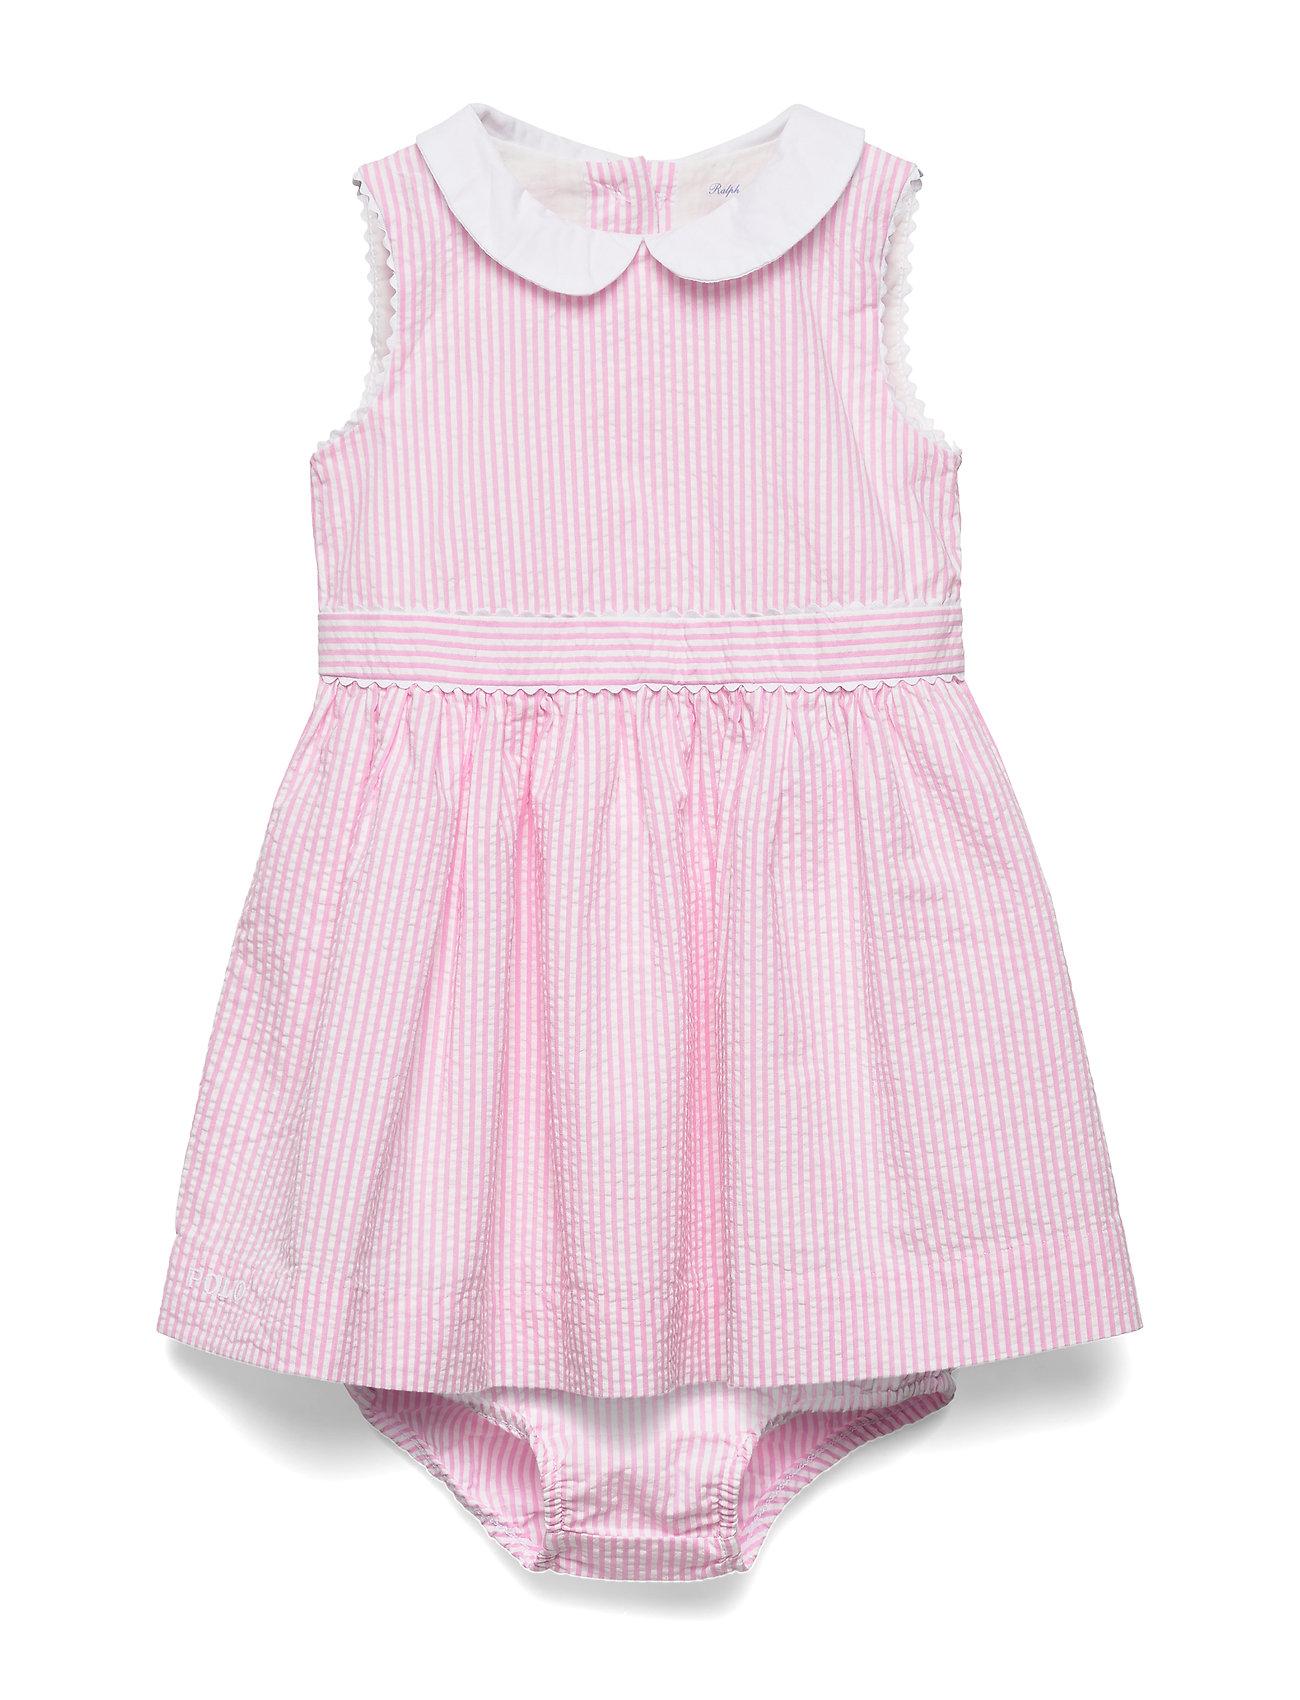 Ralph Lauren Baby Seersucker Dress & Bloomer - PINK MULTI